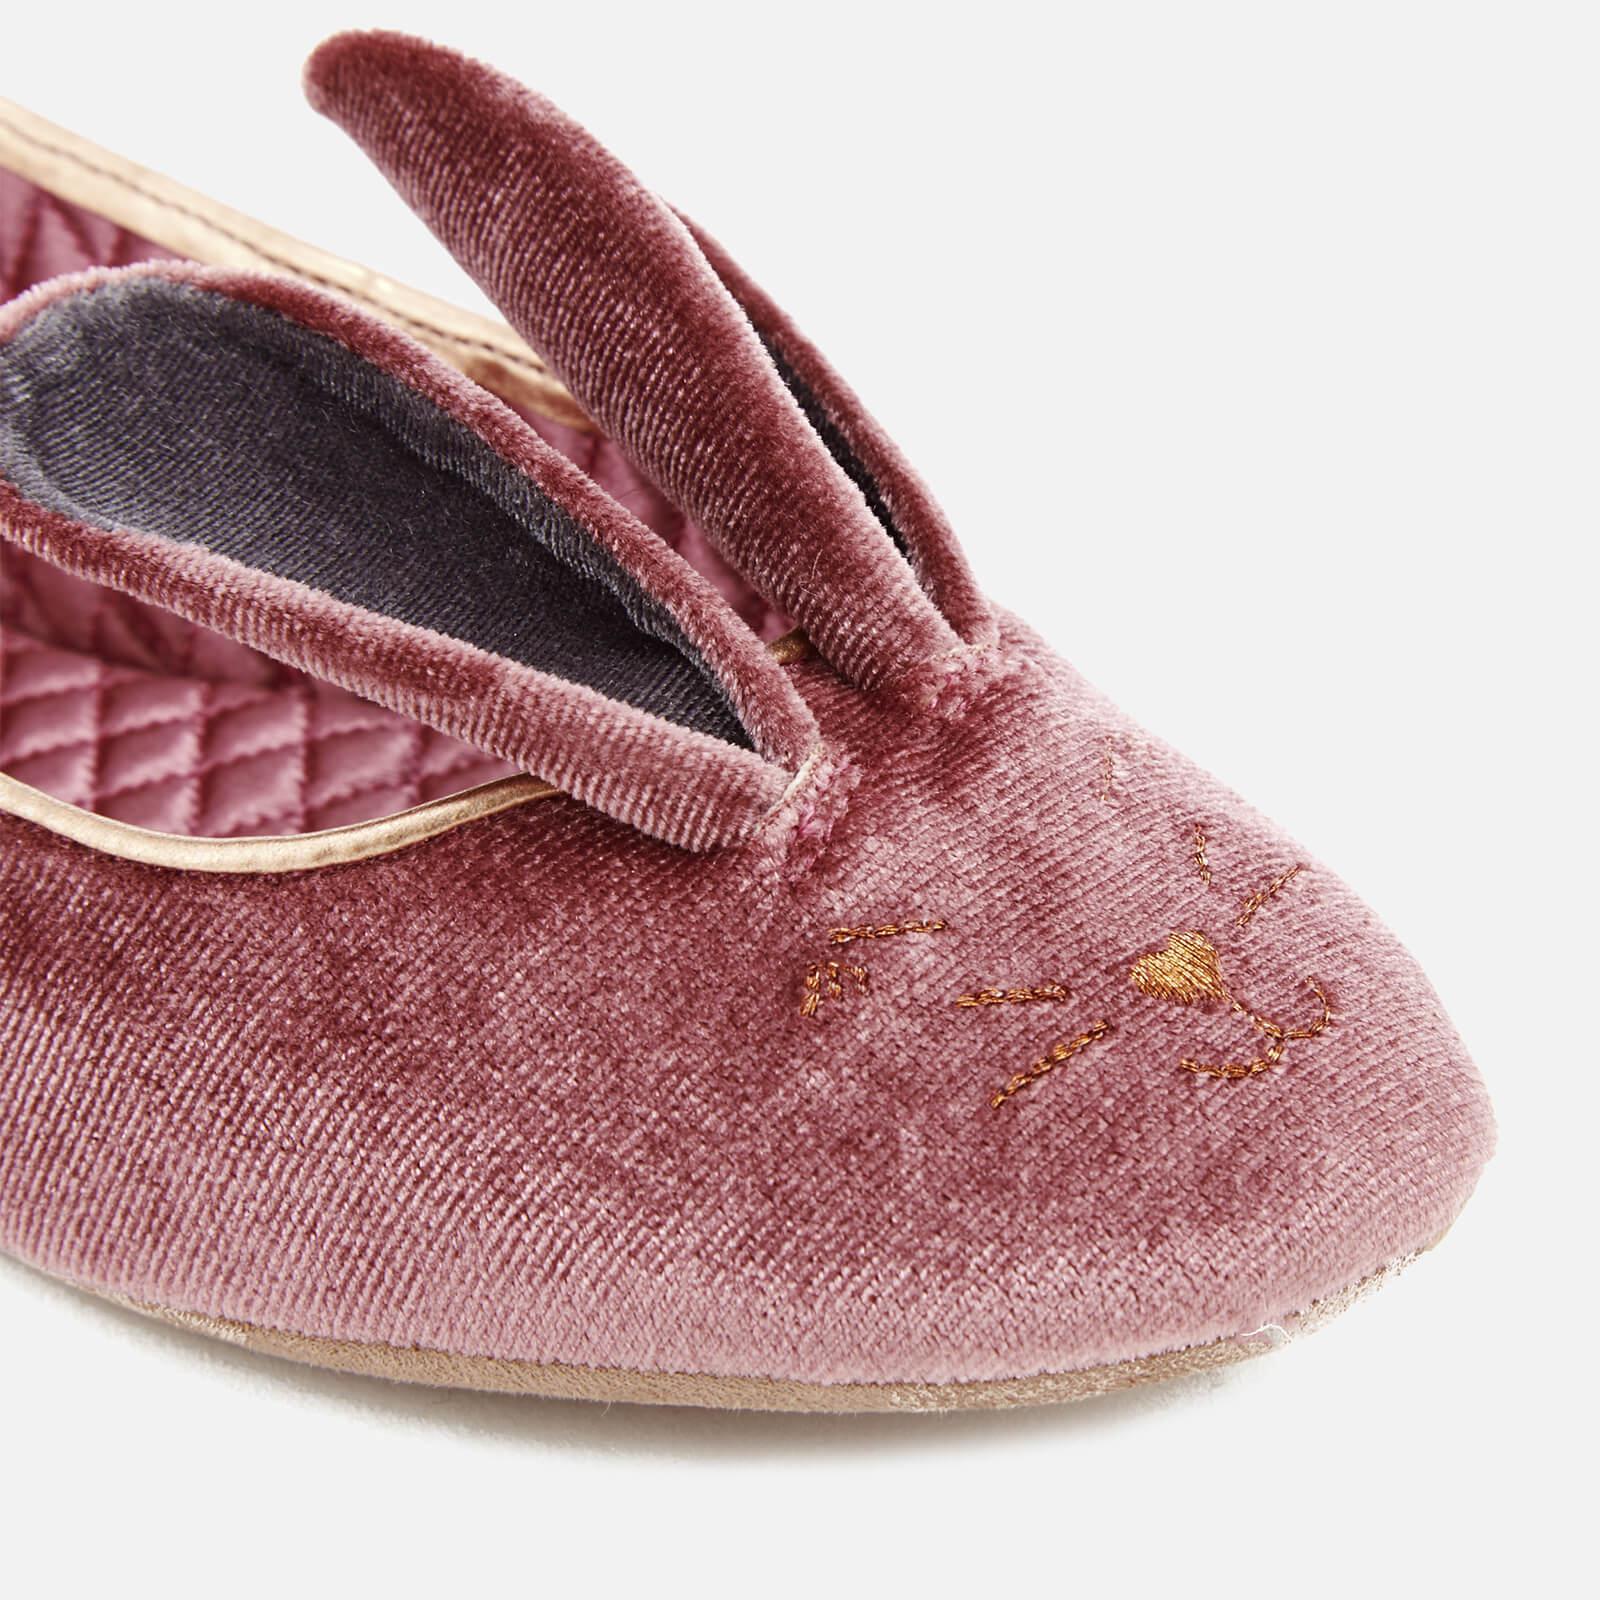 be273dcacb852b Lyst - Ted Baker Women s Bellamo Velvet Bunny Slippers in Pink